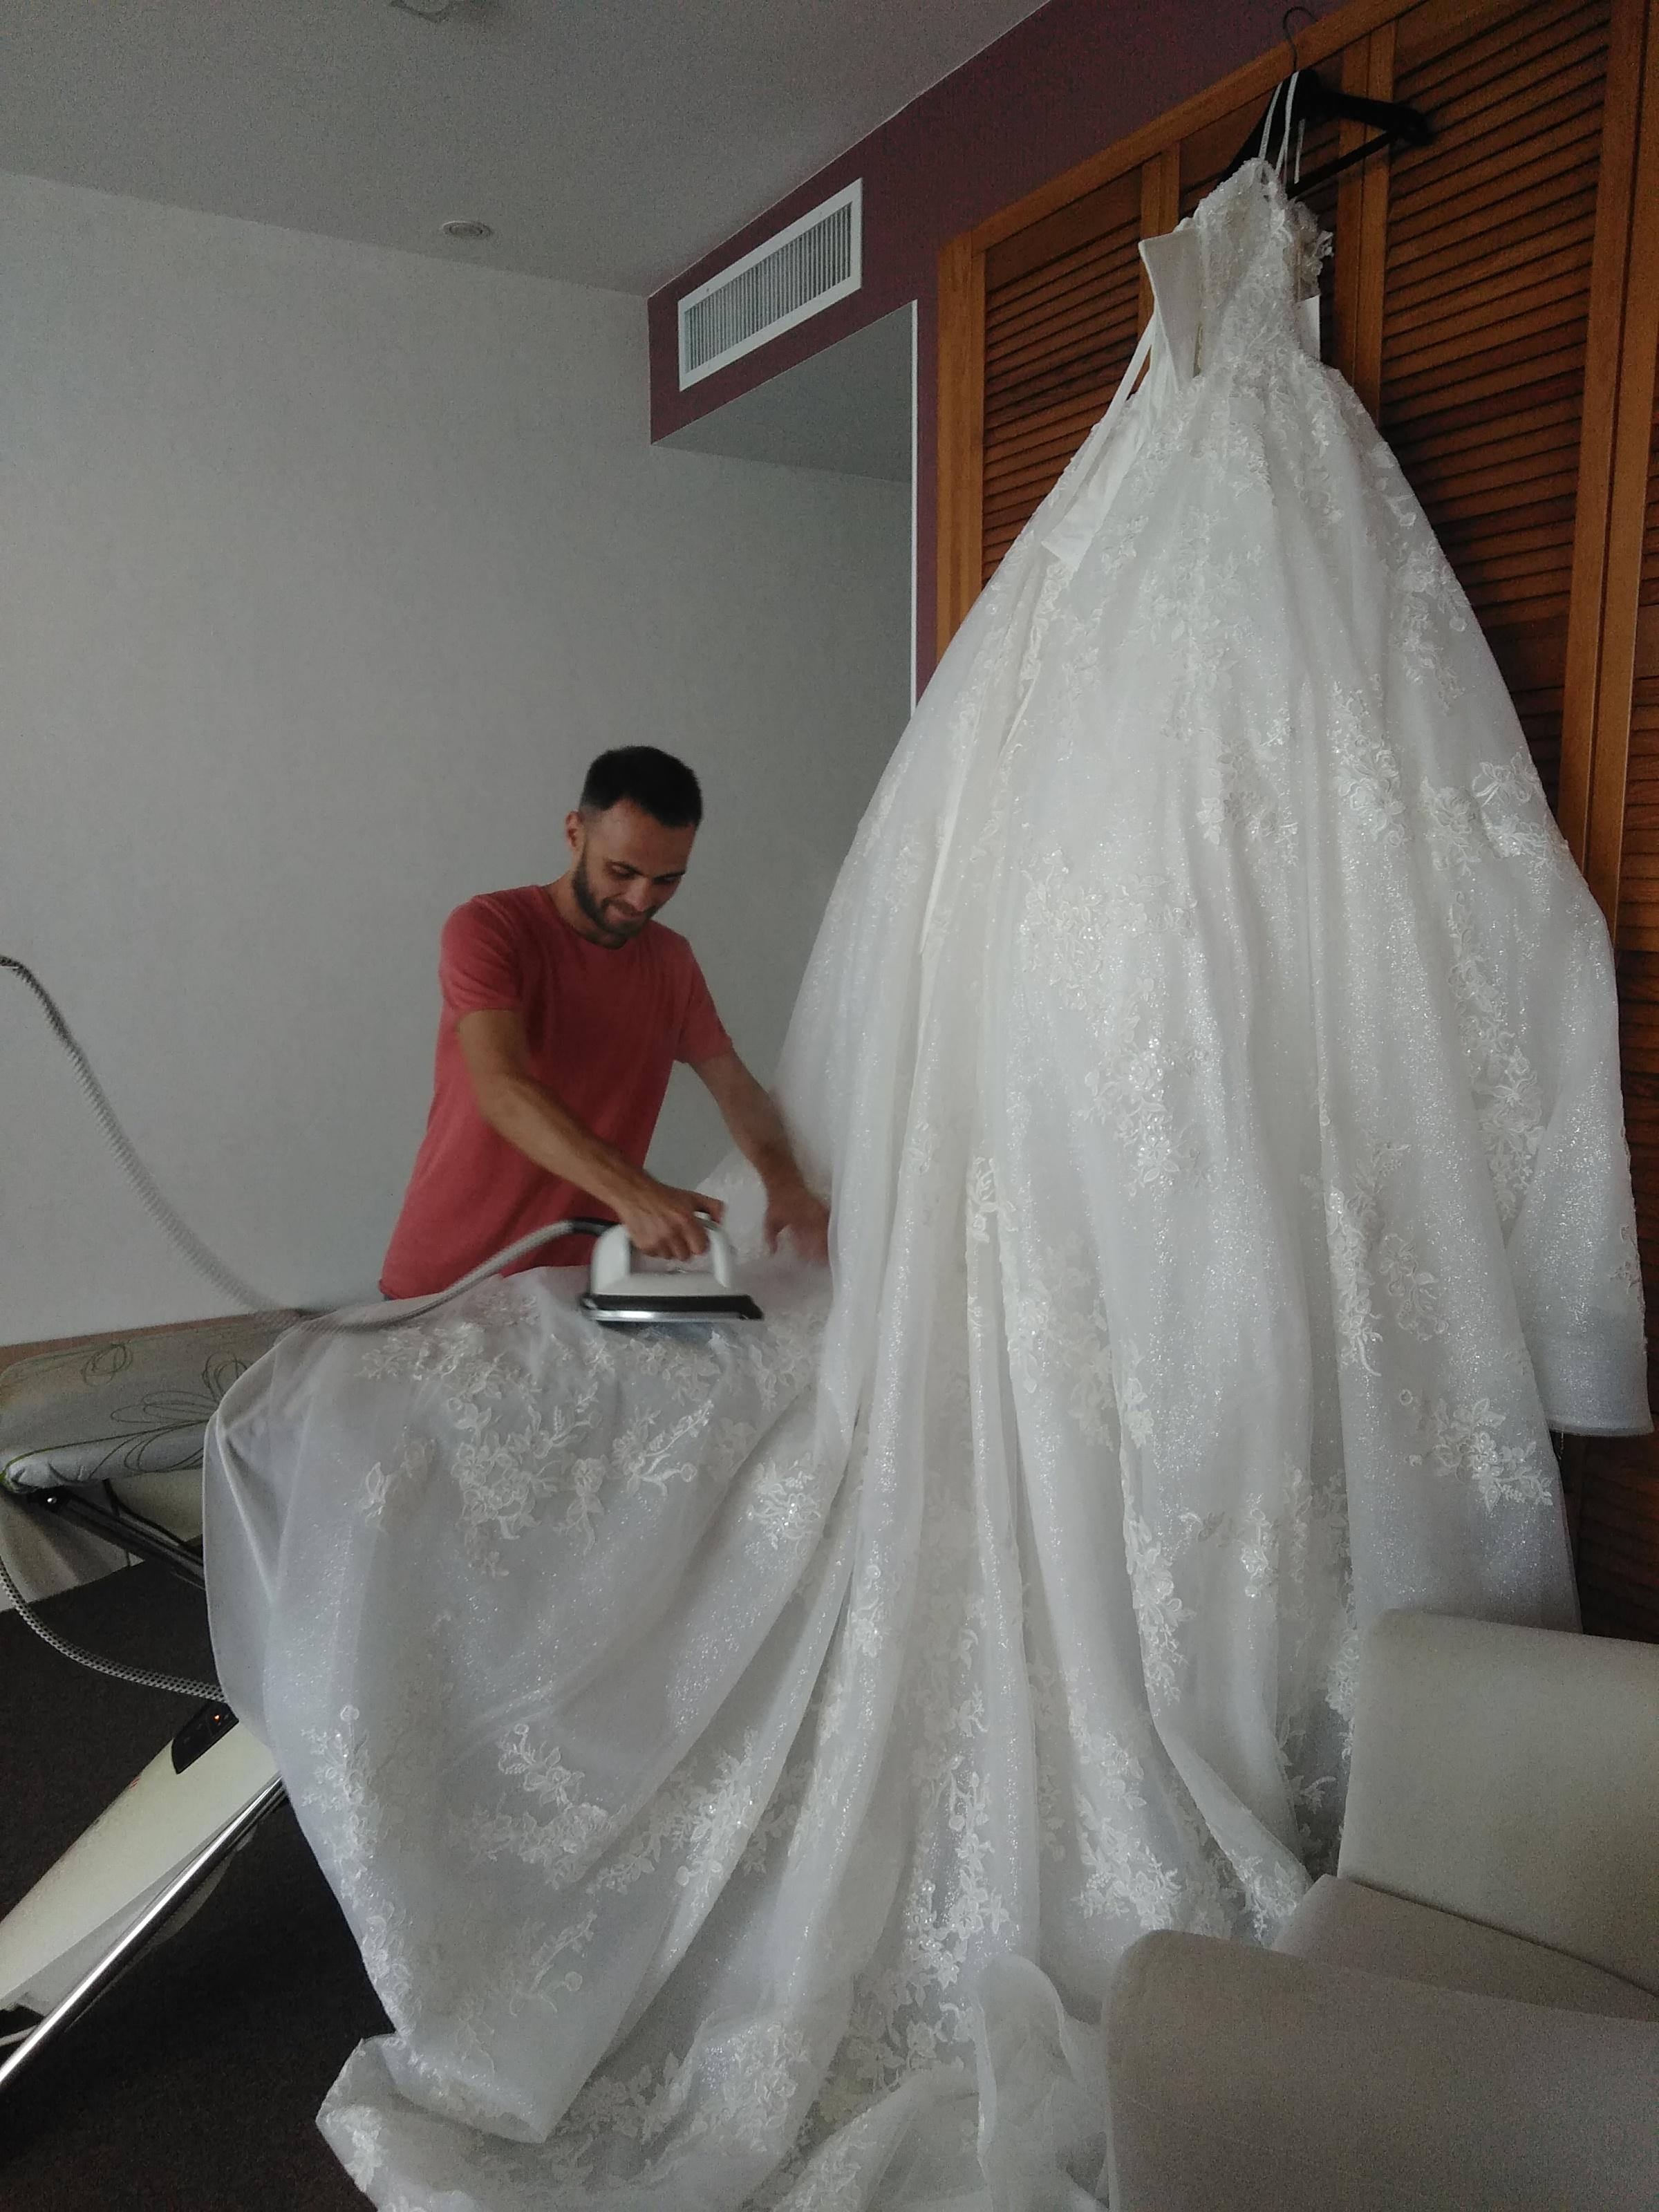 Фото Глажка свадебного платья и фаты, время работы 2,5 часа.